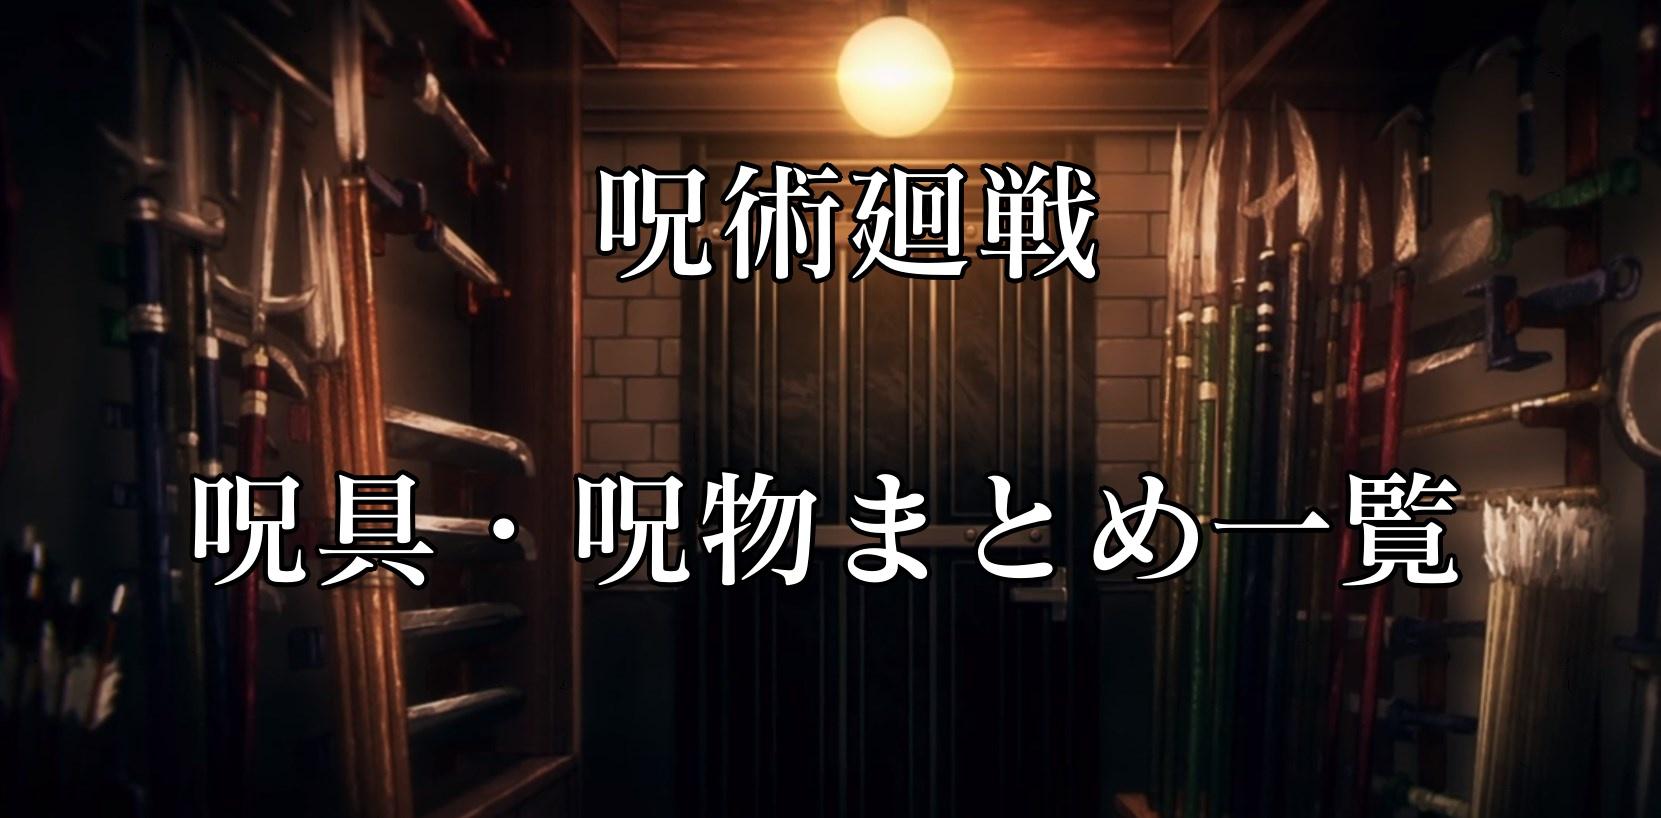 呪術廻戦│呪具・呪物まとめ一覧!游雲・とざま・獄門彊など難しい読み方まで解説!